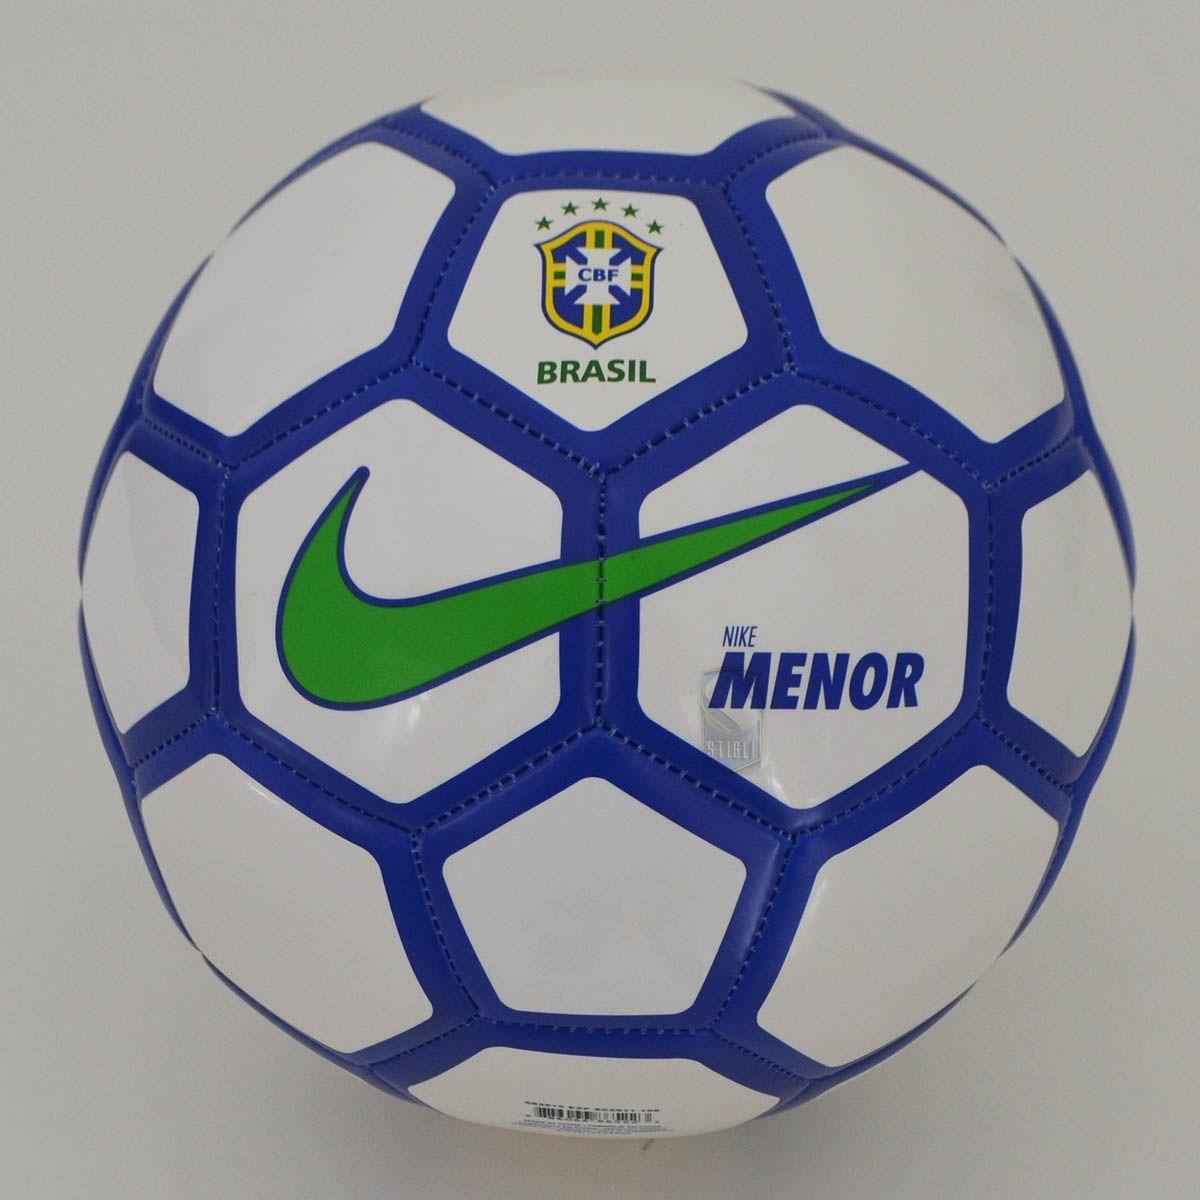 37e486fe39916 Bola De Futsal Nike Rolinho Menor Cbf Orig C nf Frete Grátis - R ...